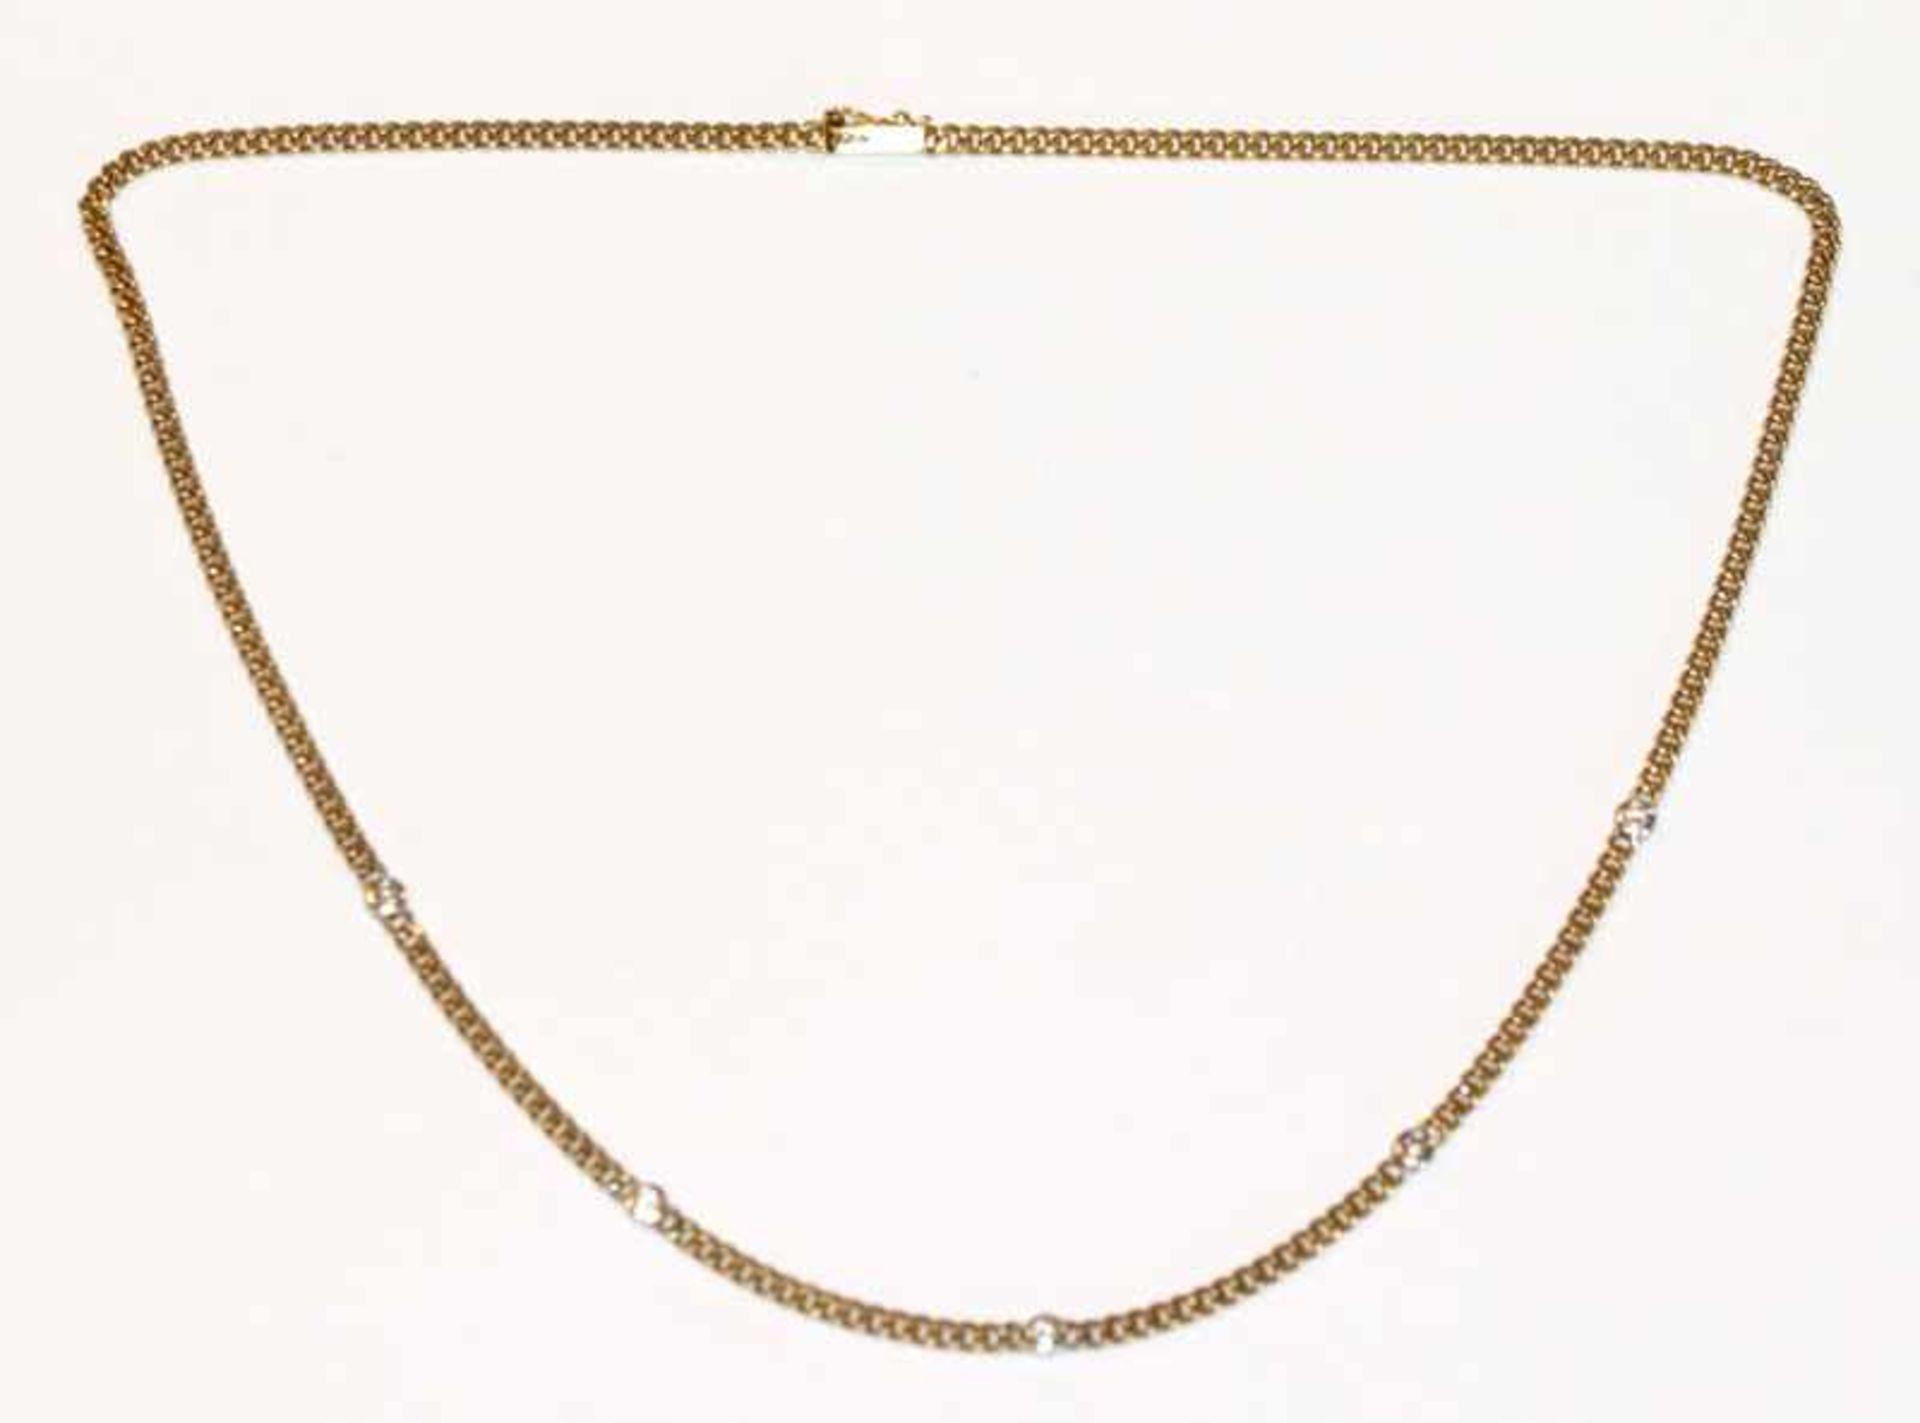 Los 36 - 14 k Gelbgold Flachpanzerkette mit 5 in Weißgold gefaßten Diamanten, 11,2 gr., L 40 cm